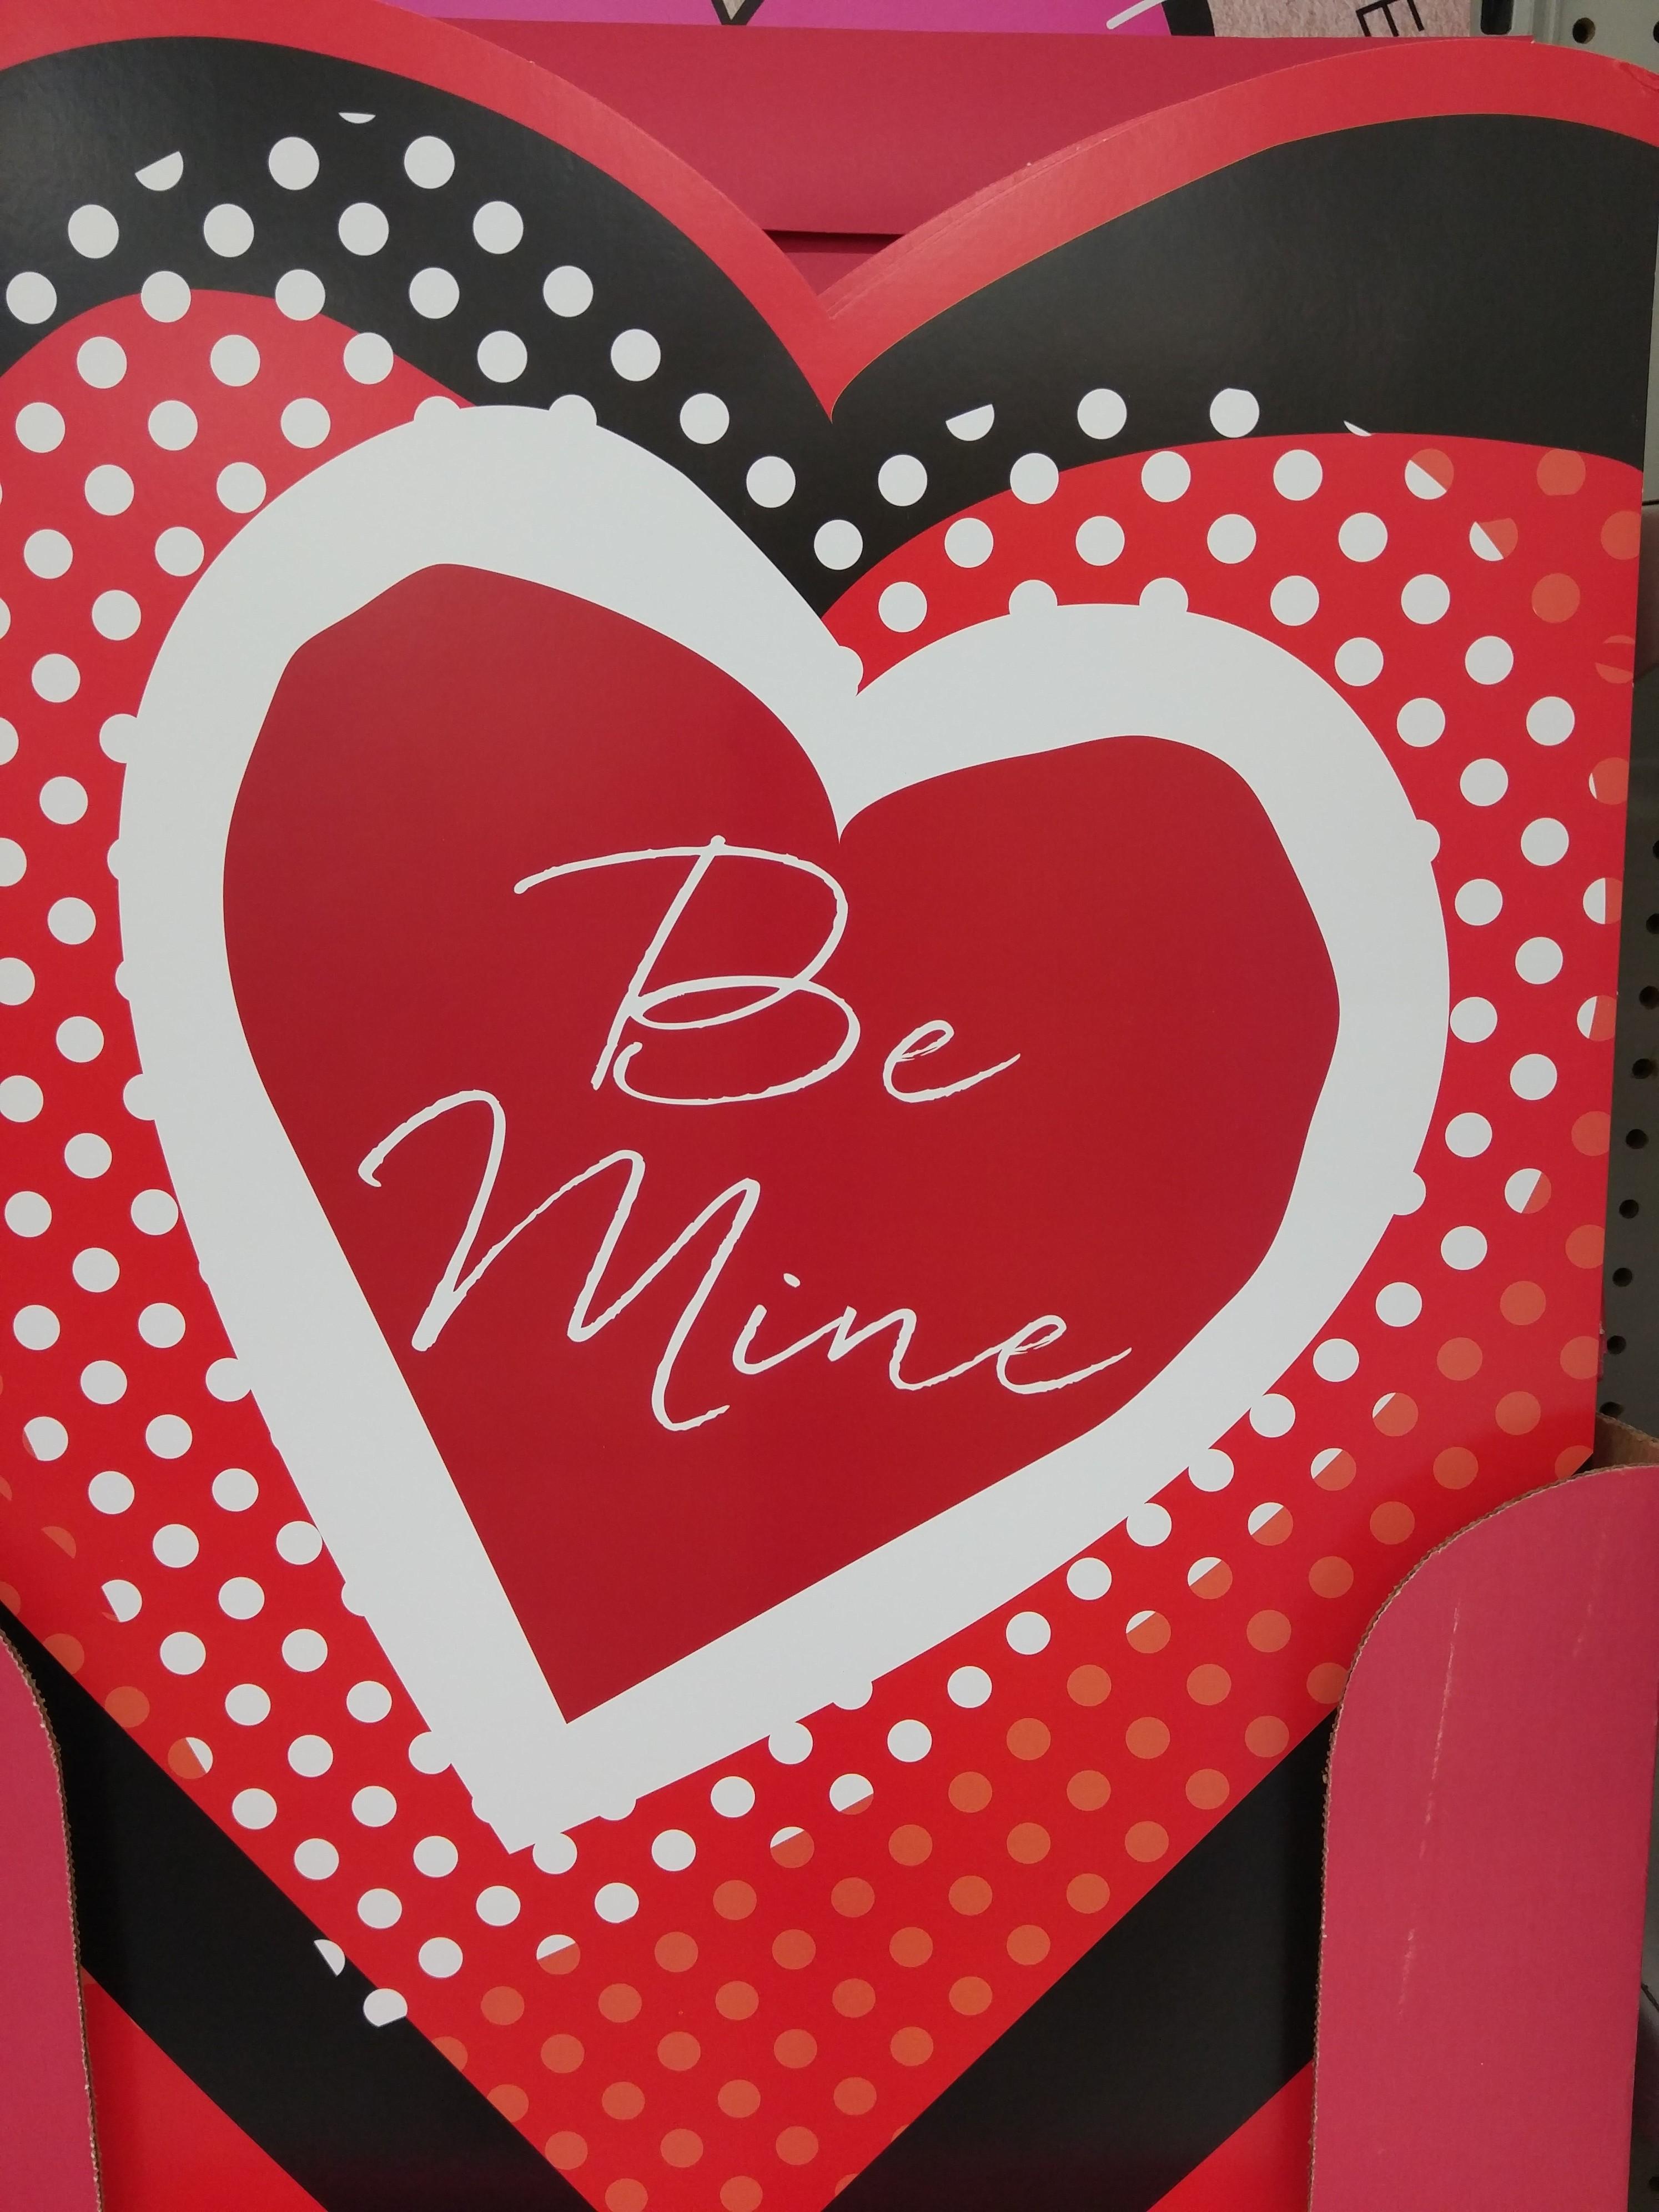 7cd4f6bce92bf ... varias ideas para regalar como estas tarjetas gigantes que puedes  conseguir a precios económicos para darle a tu enamorado da y hacerle el día  especial.